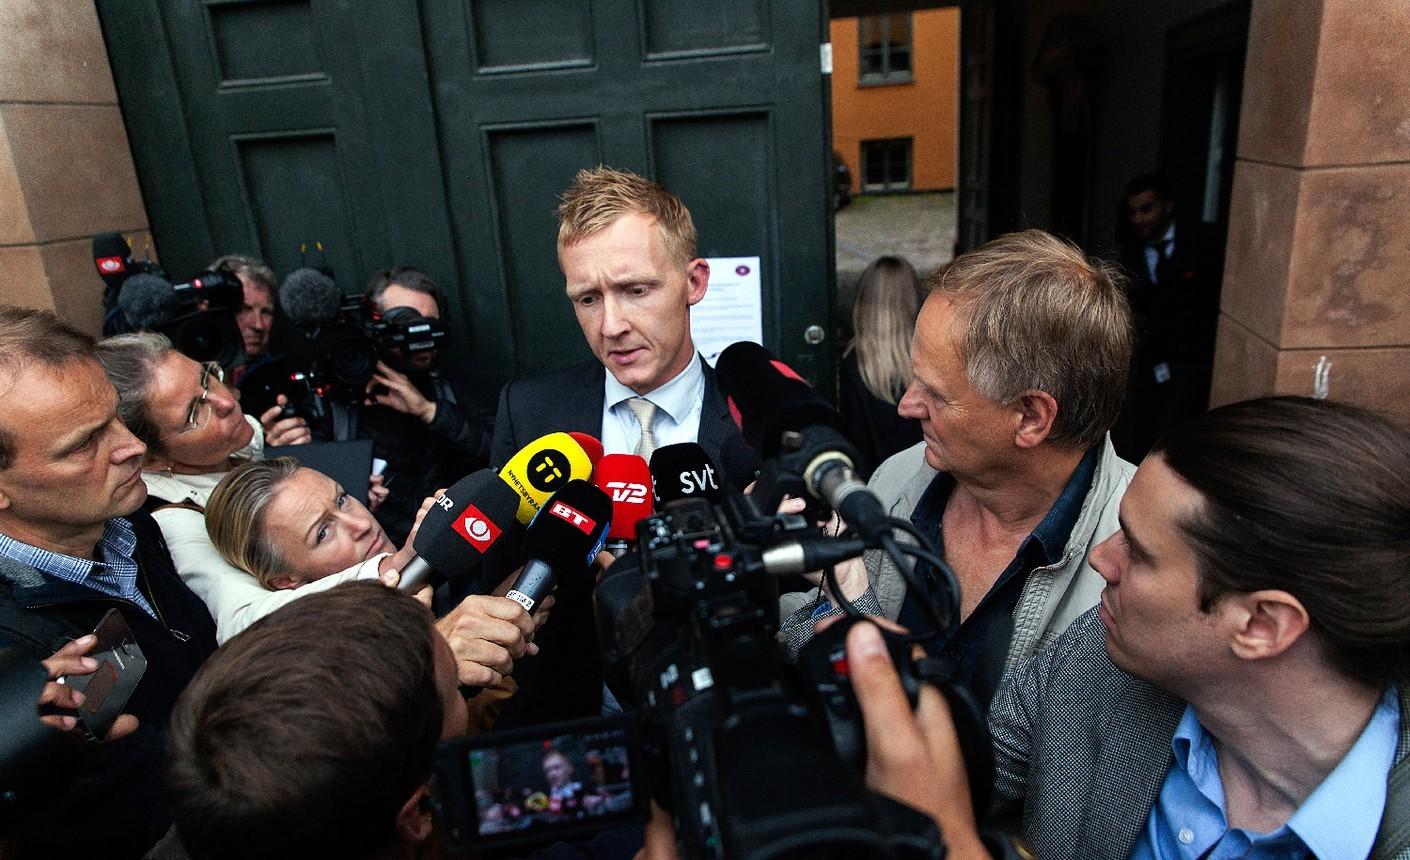 Прокурор Якоб Бу-Джепсен у здания суда